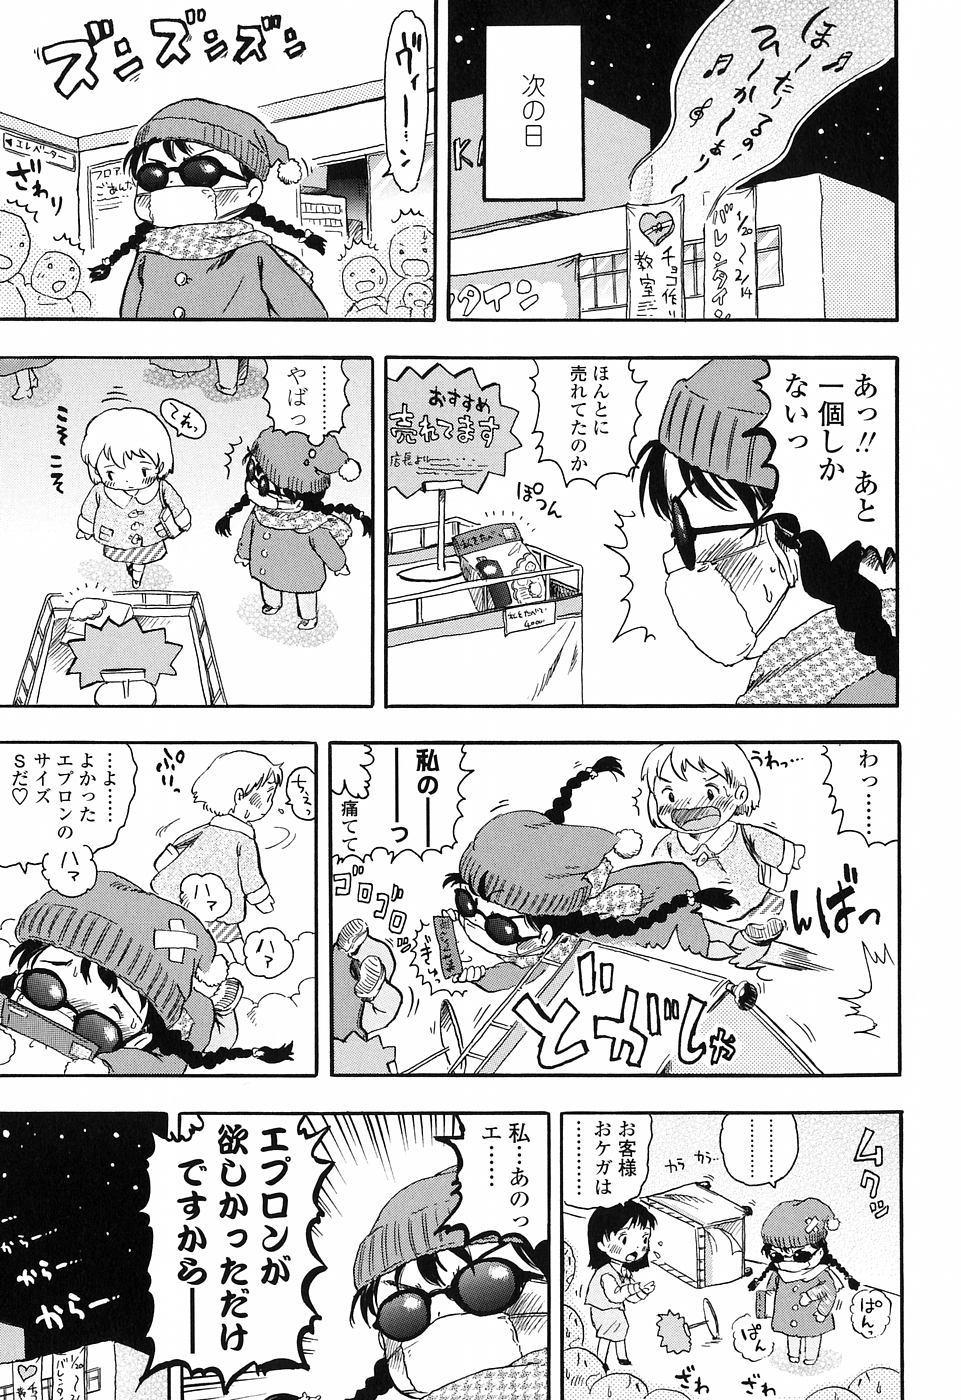 Koisuru Fukurami 108